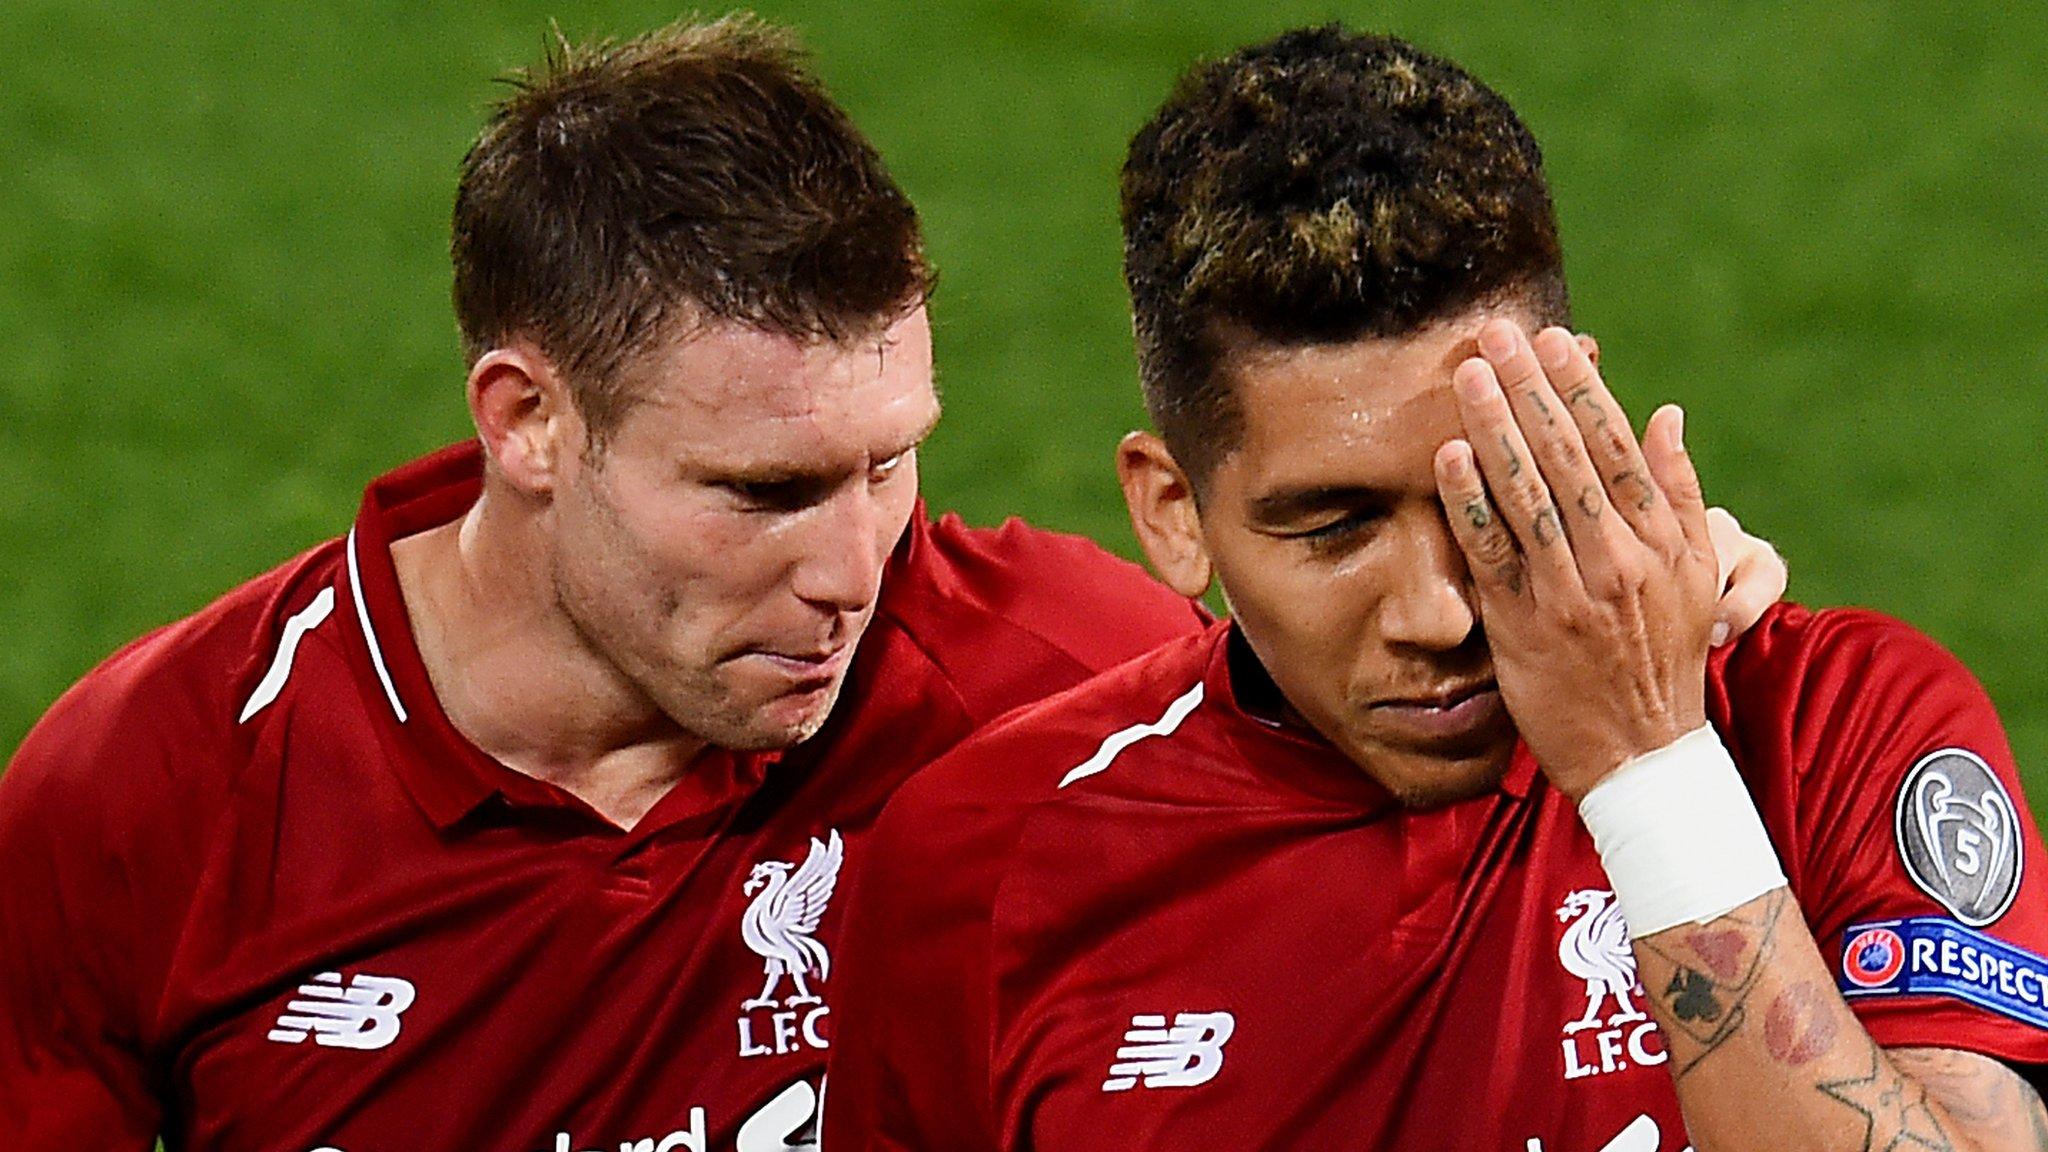 Liverpool 3-2 Paris St-Germain: Jurgen Klopp 'loved' Roberto Firmino celebration